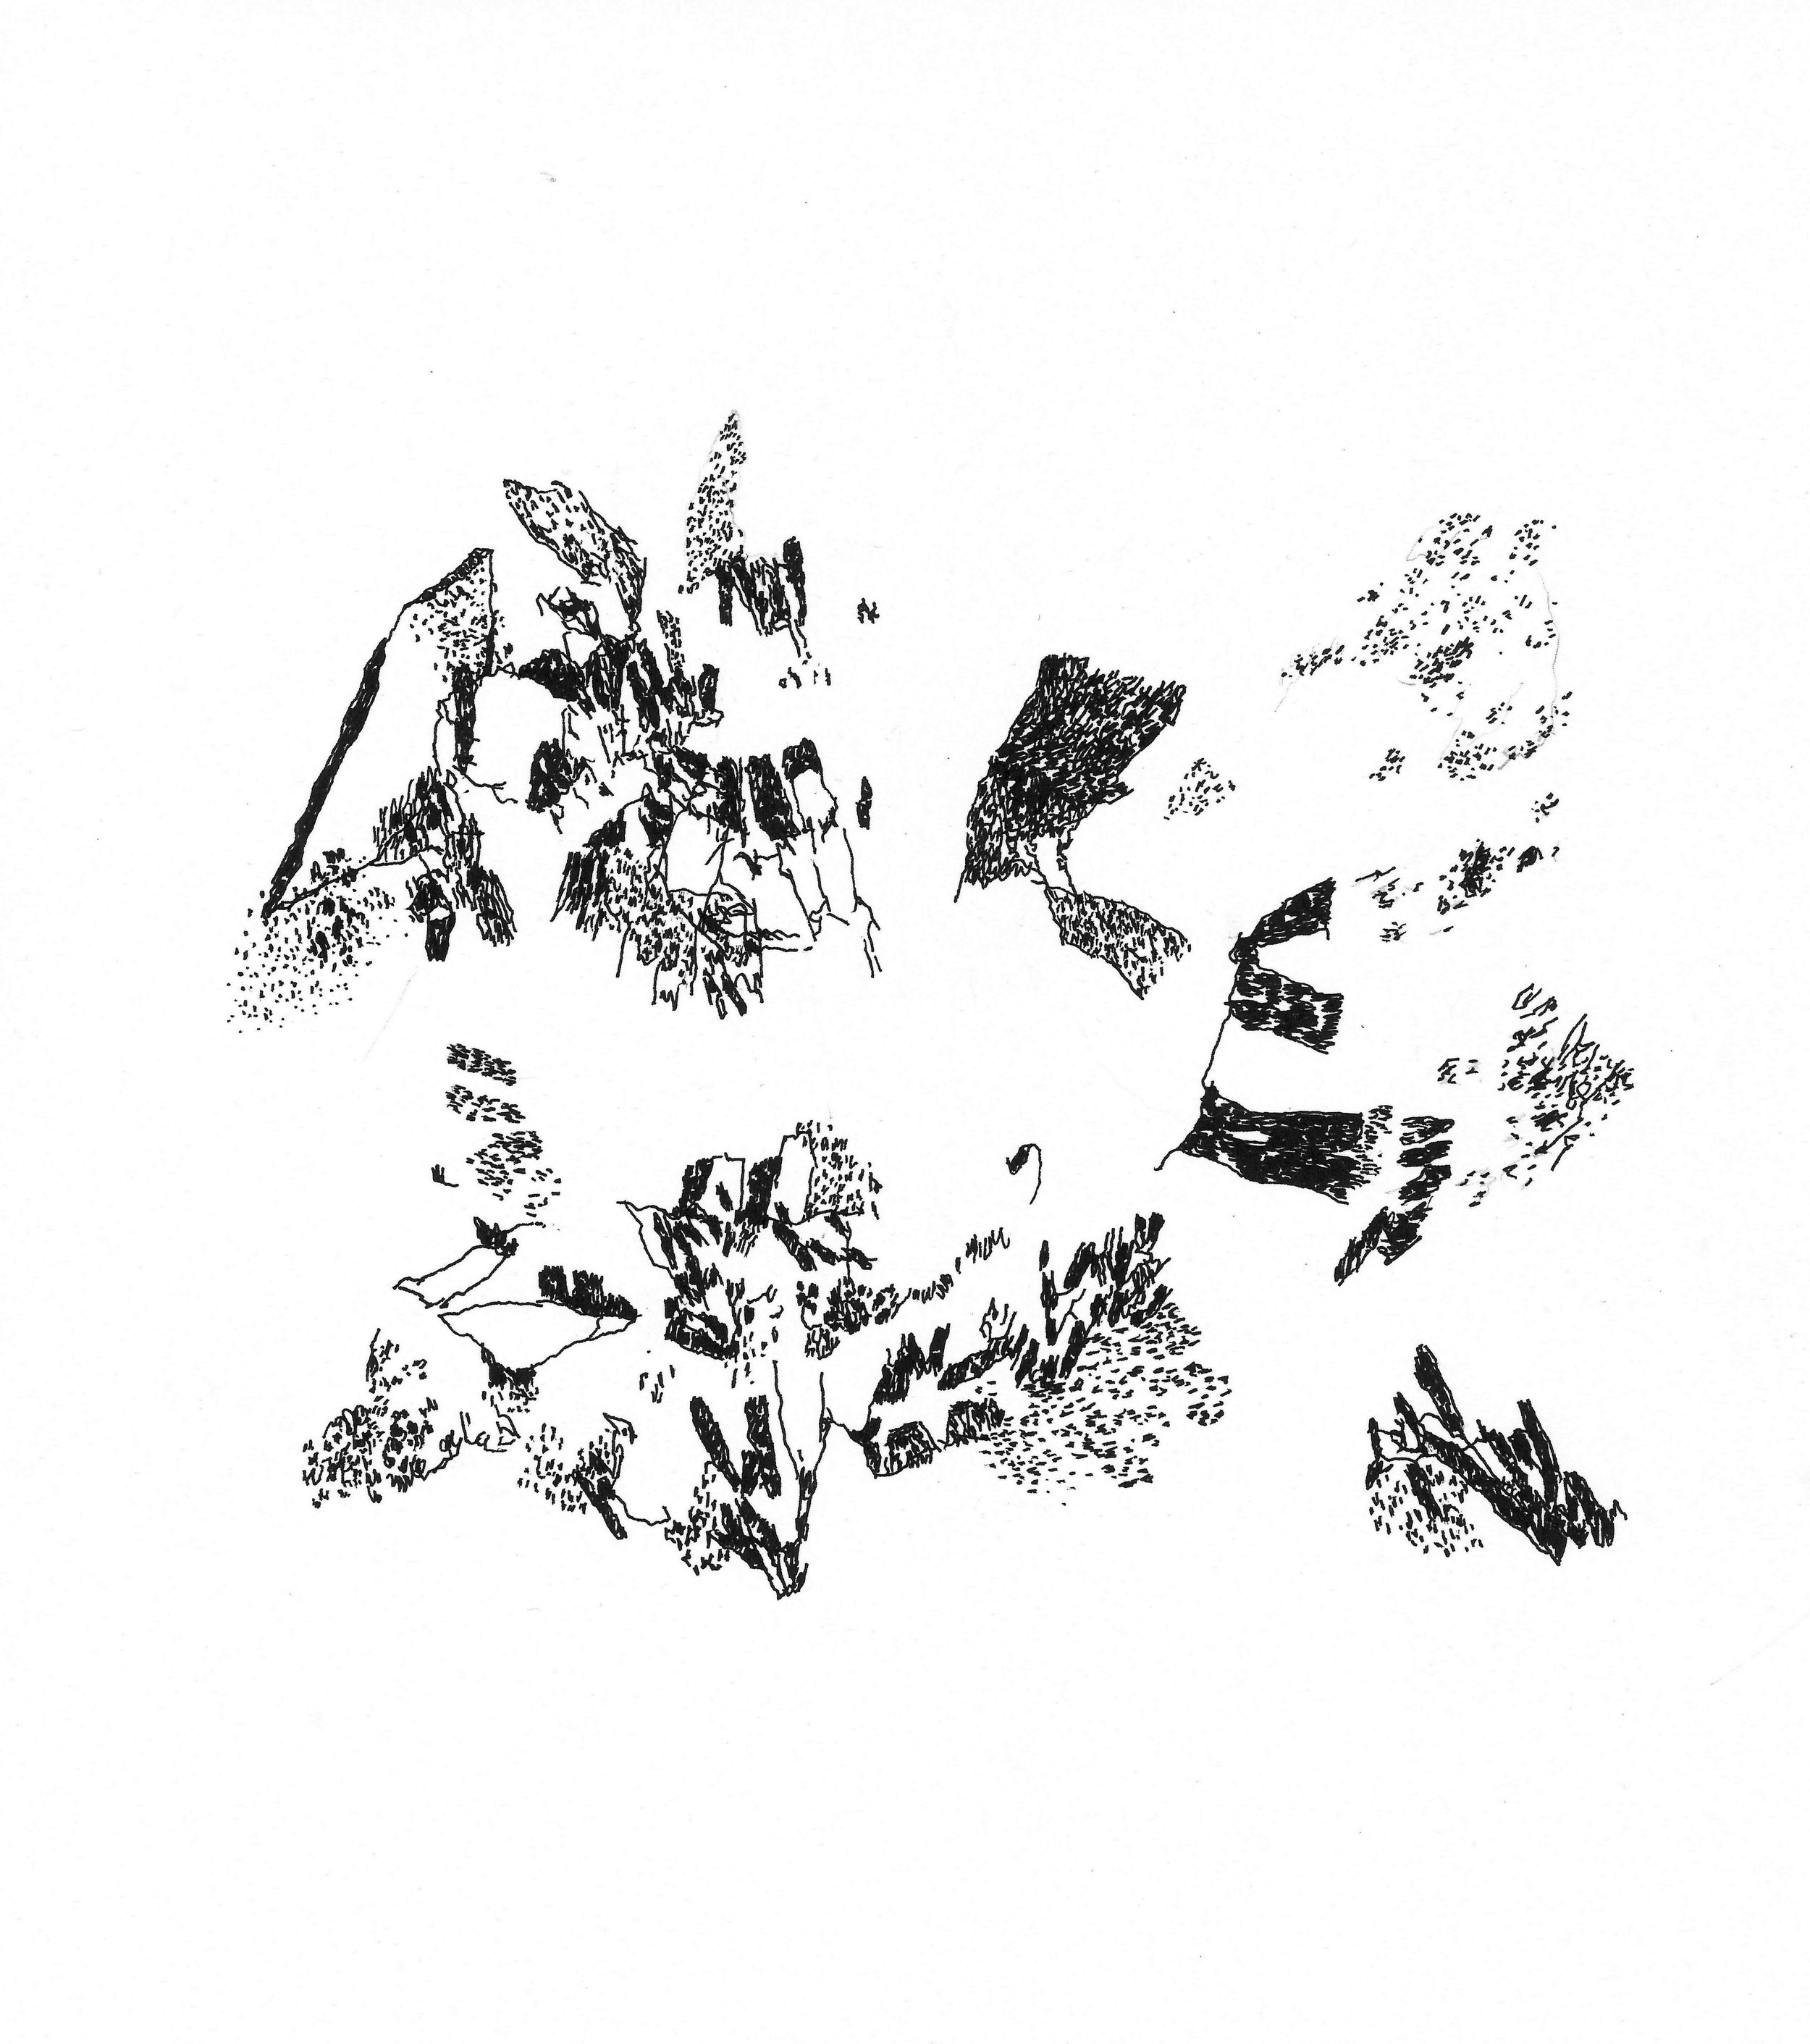 WIndow's Open Ink  10 x 9 in